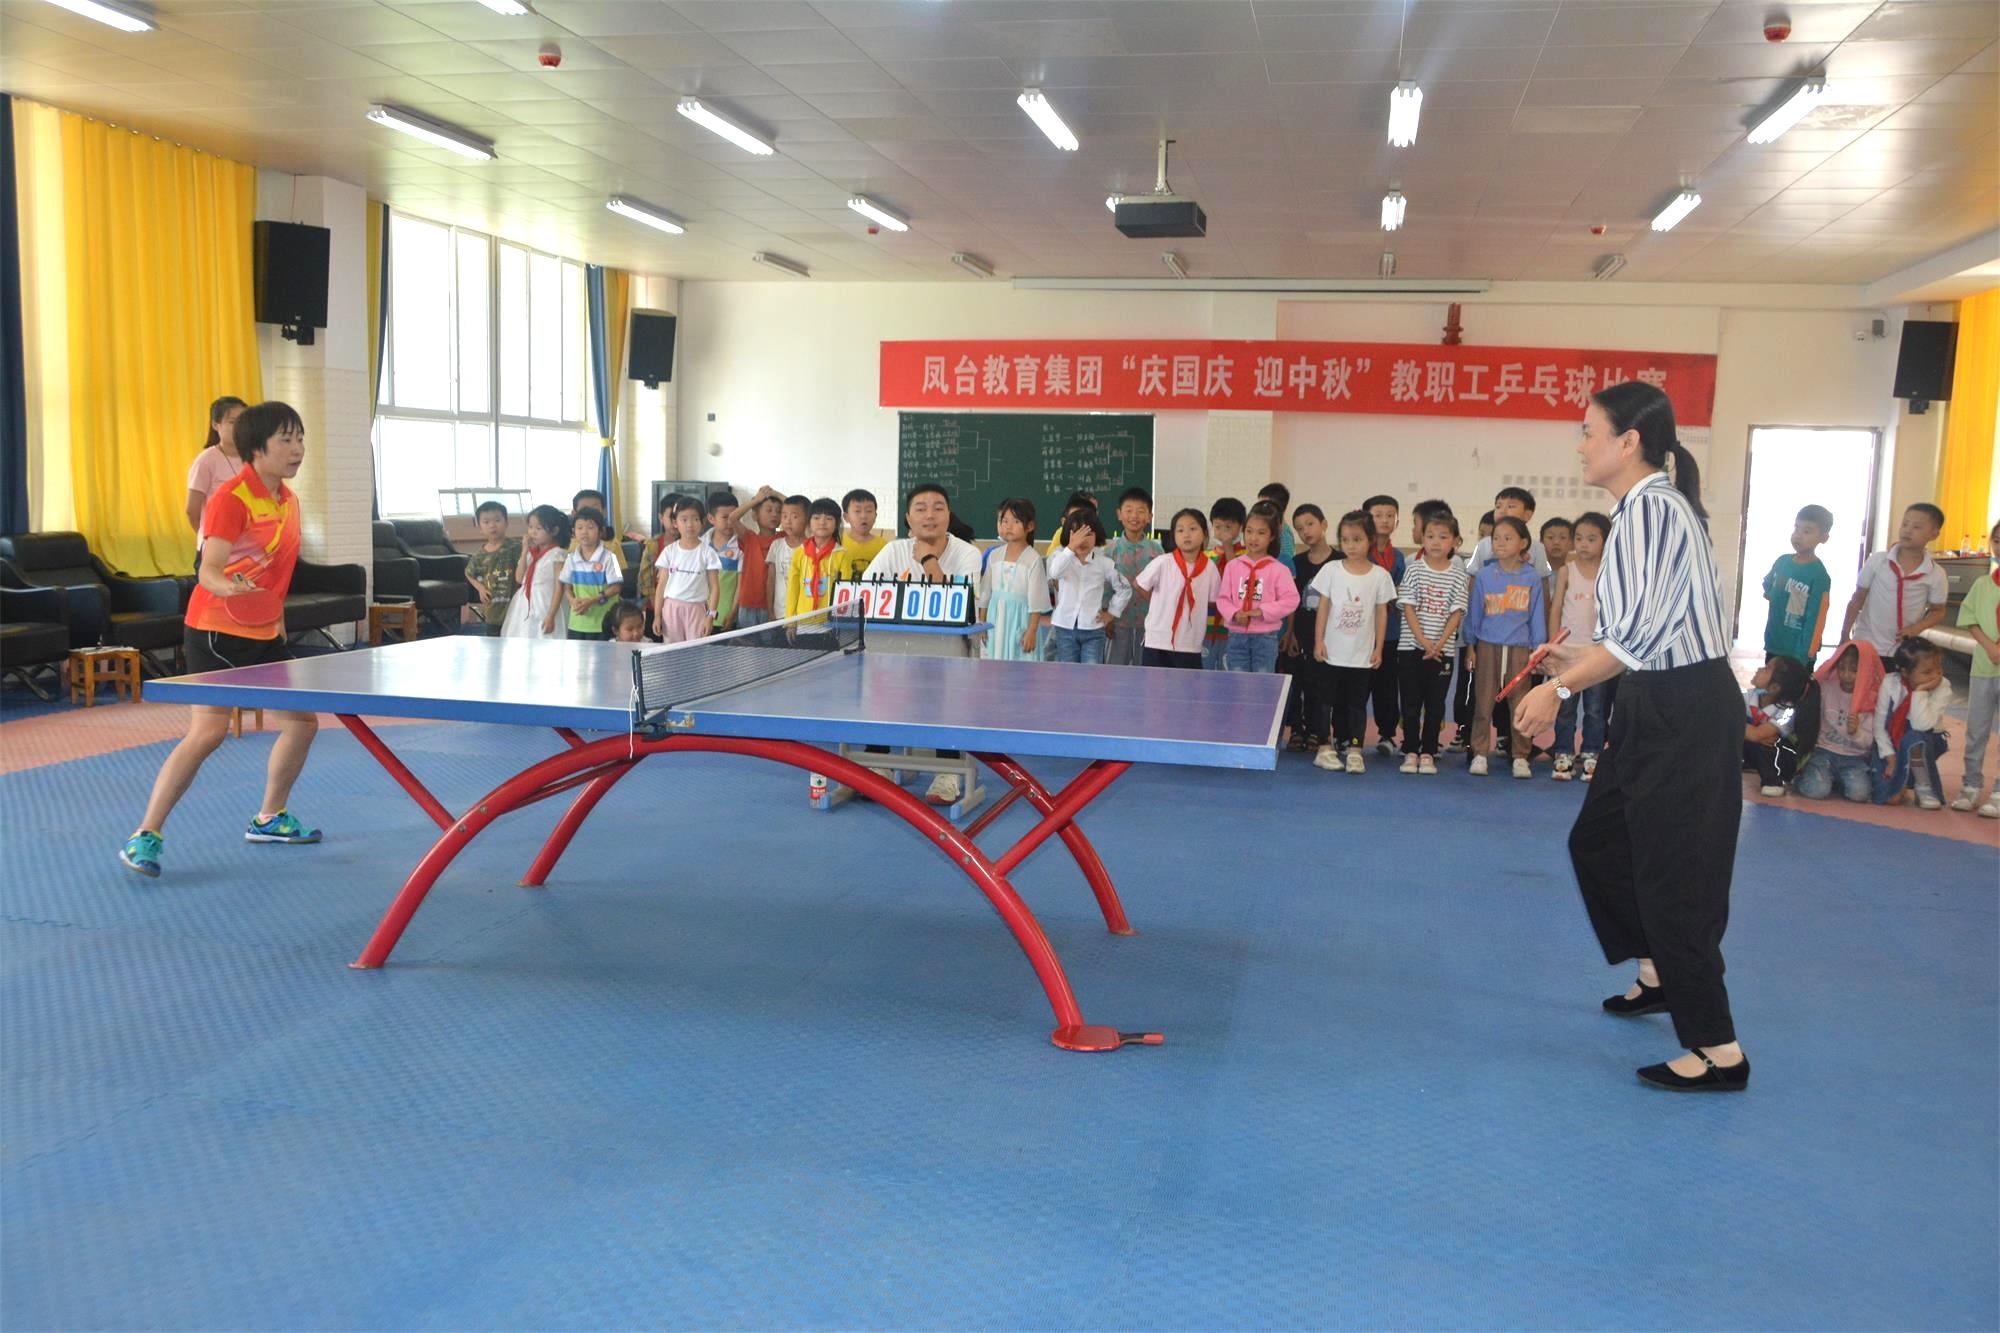 汉阴县丰台教育集团:乒乓球快乐健康